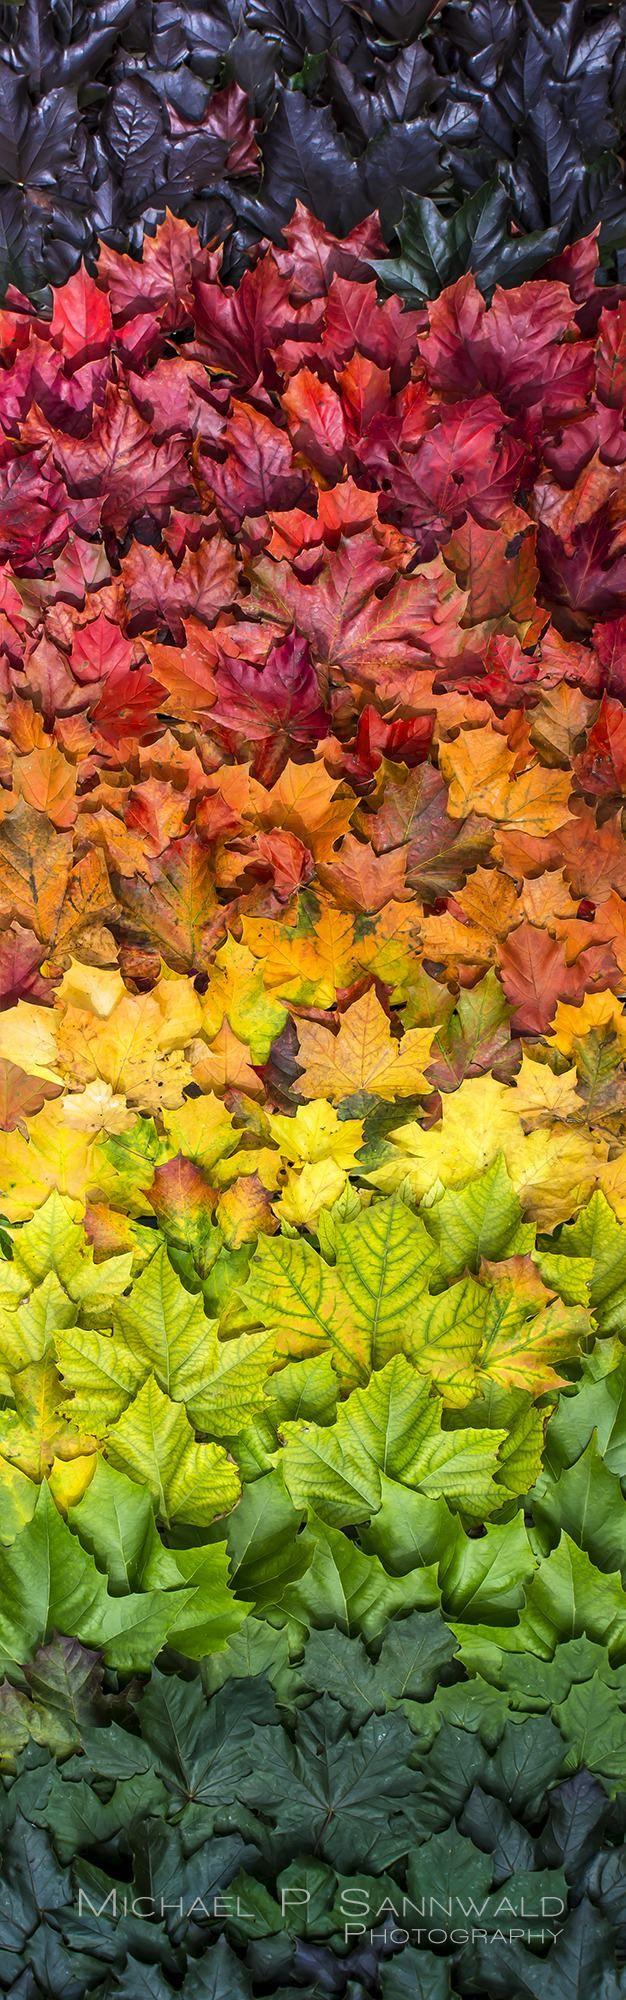 foto de Spectre de couleur des feuilles d'automne Michael P